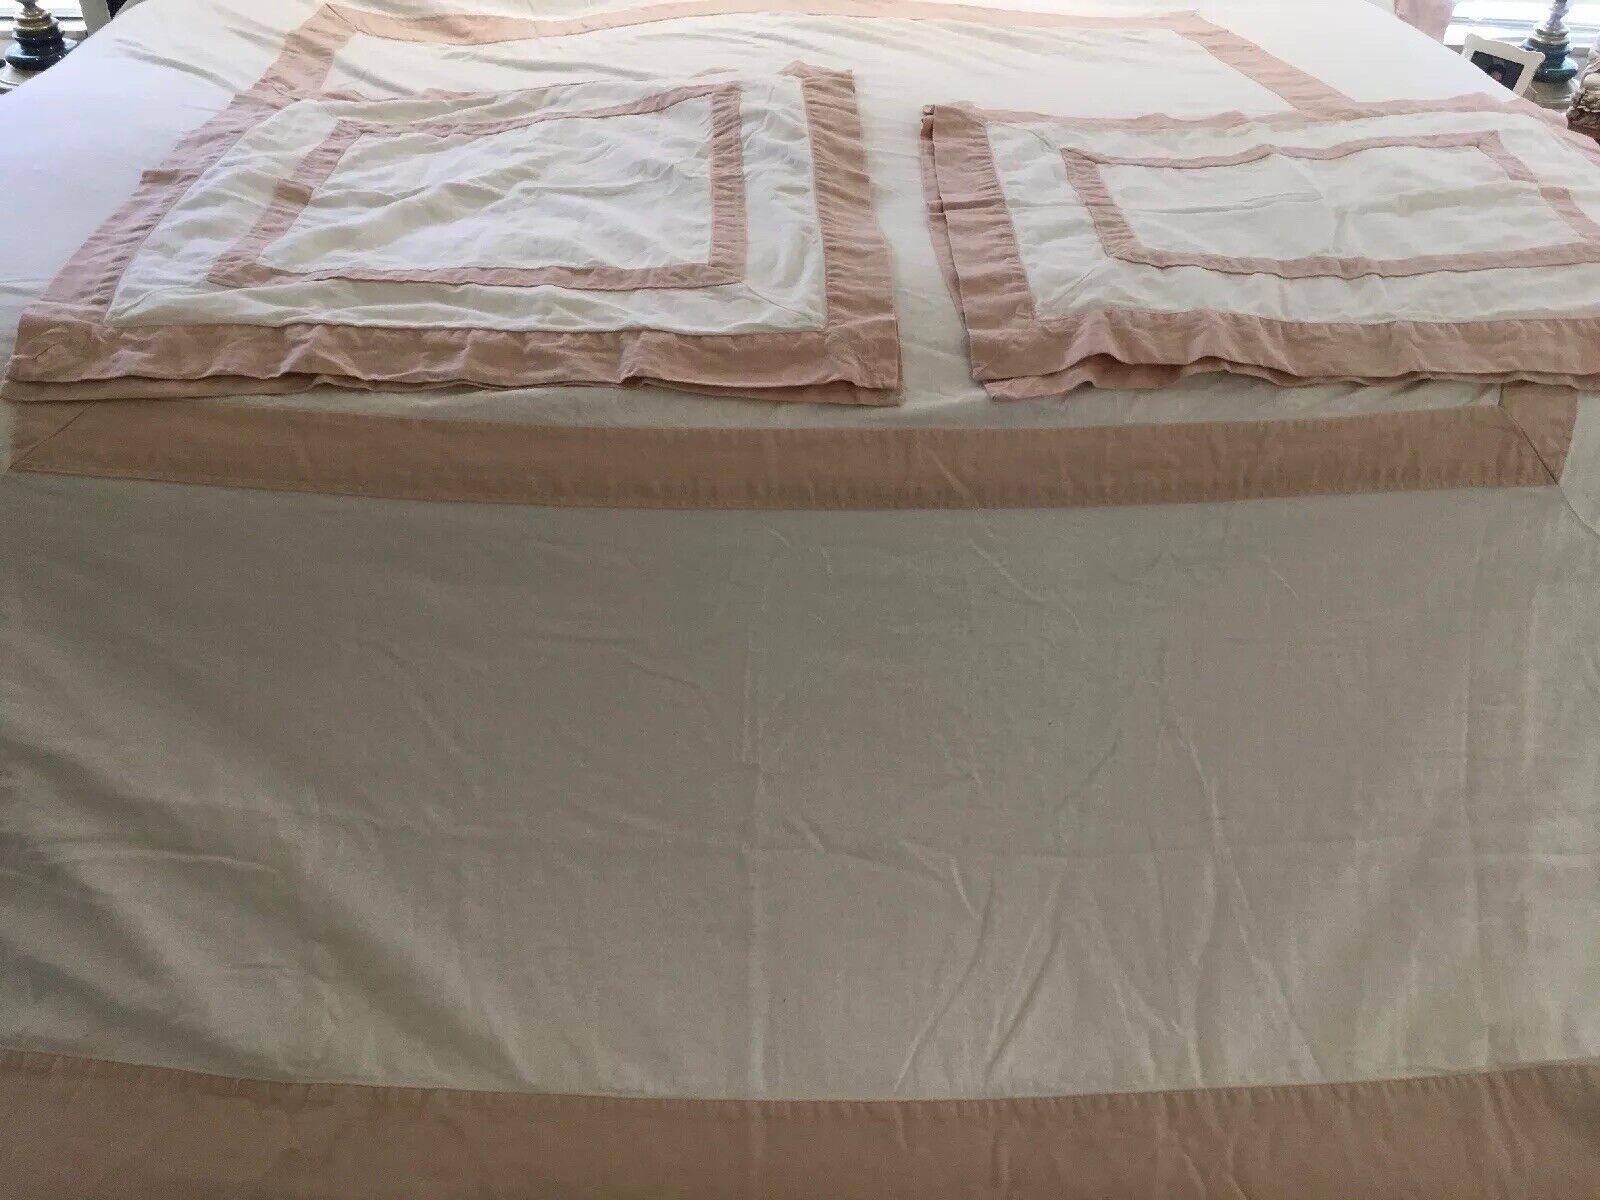 Pottery Barn Full Queen Duvet Shams White blueeesh Pink Linen Blend 5 Pcs EUC